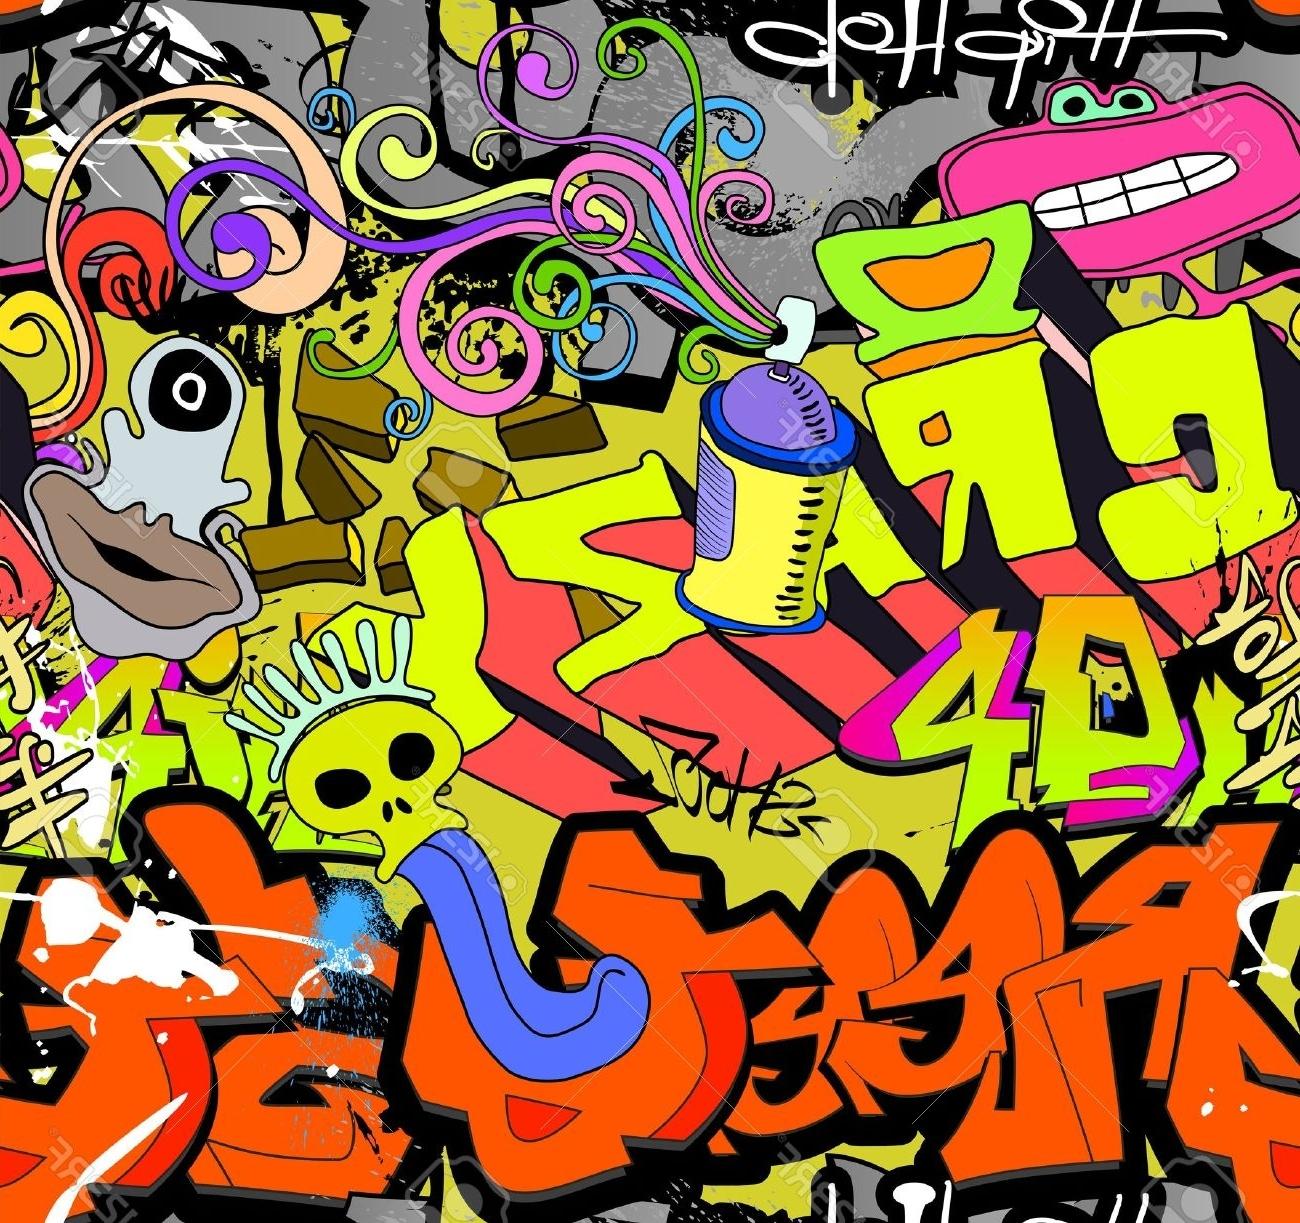 Hip Hop Wall Art Regarding 2017 Graffiti Wall Art Background Hip Hop Style De Motif Texture Homogène (View 2 of 15)